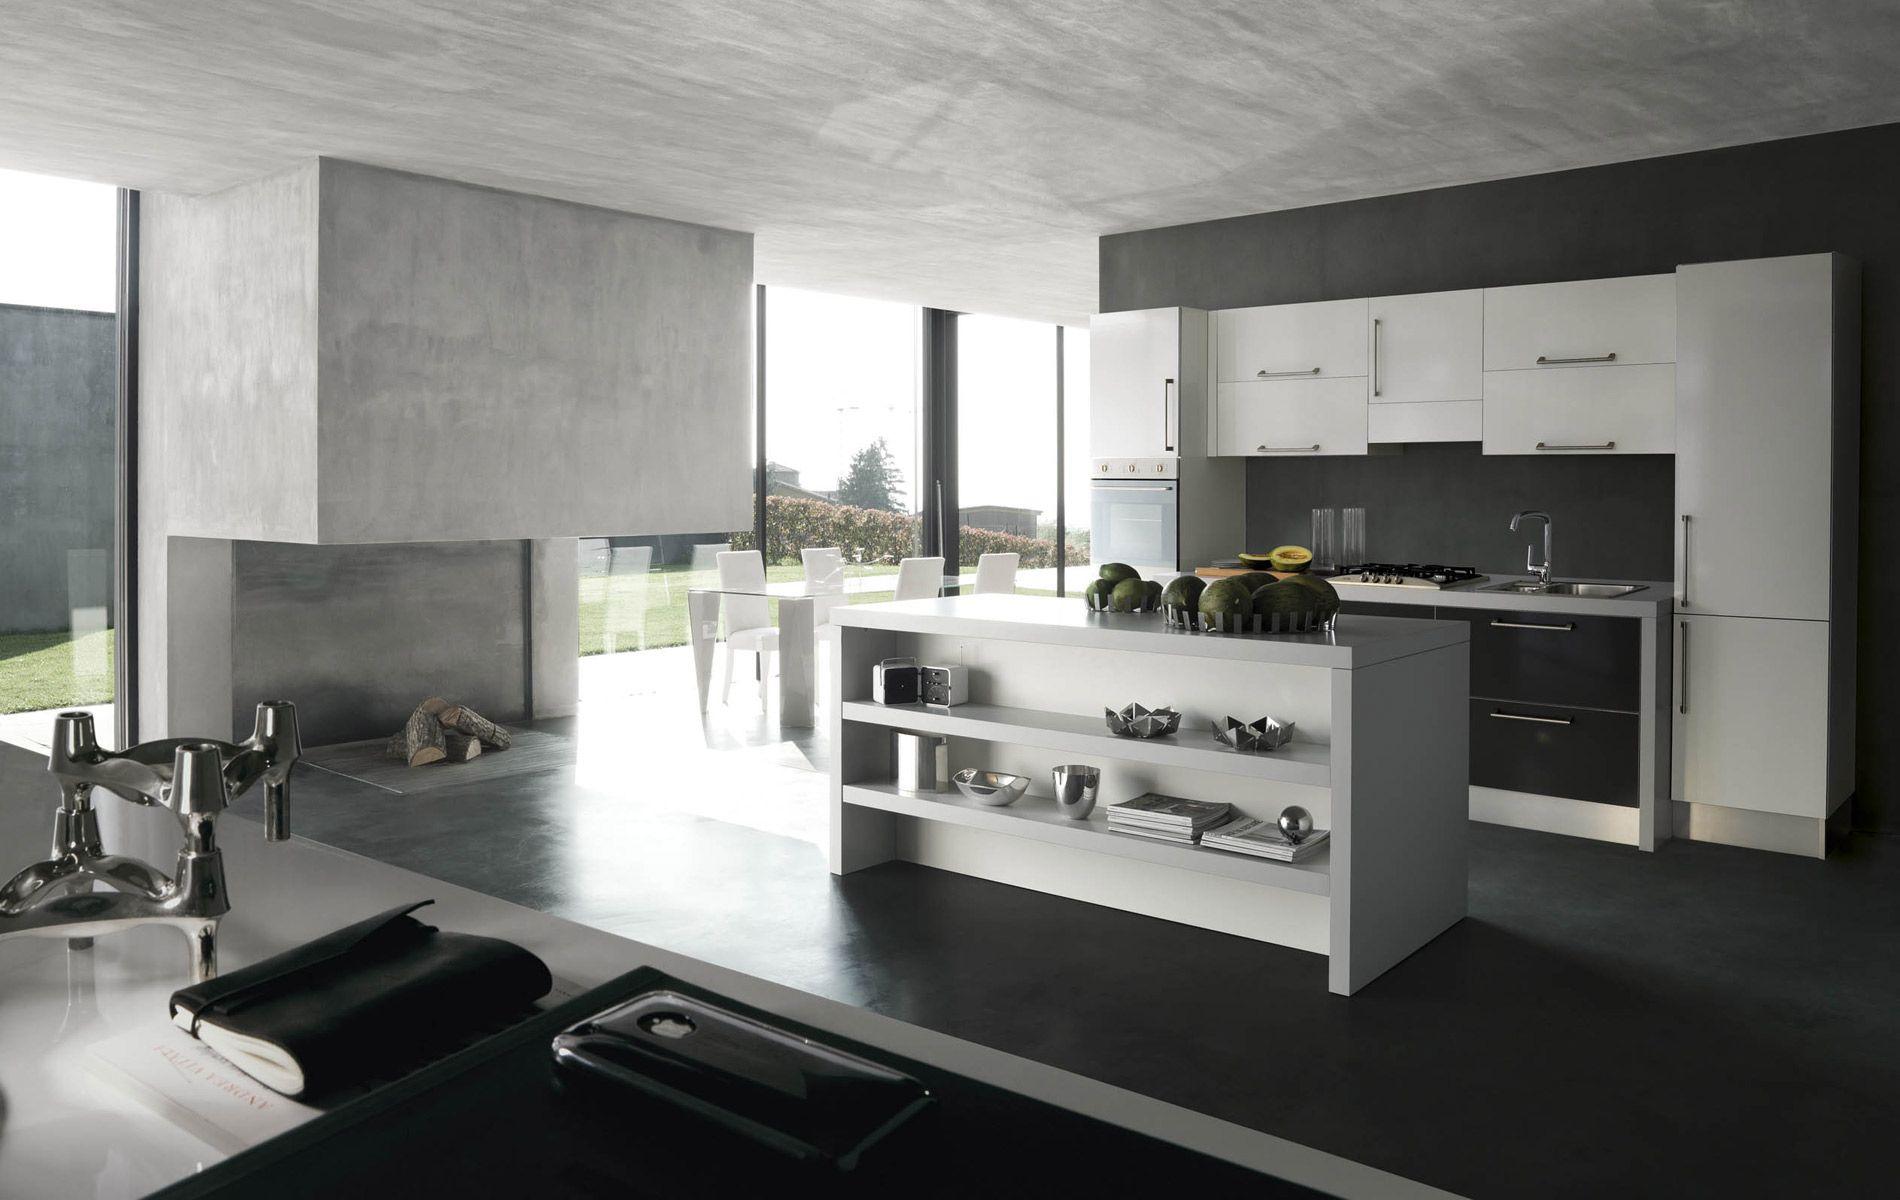 Cucine Moderne Chateau Dax.Cucine Moderne Casa Milly Chateau D Ax Un Grande Camino